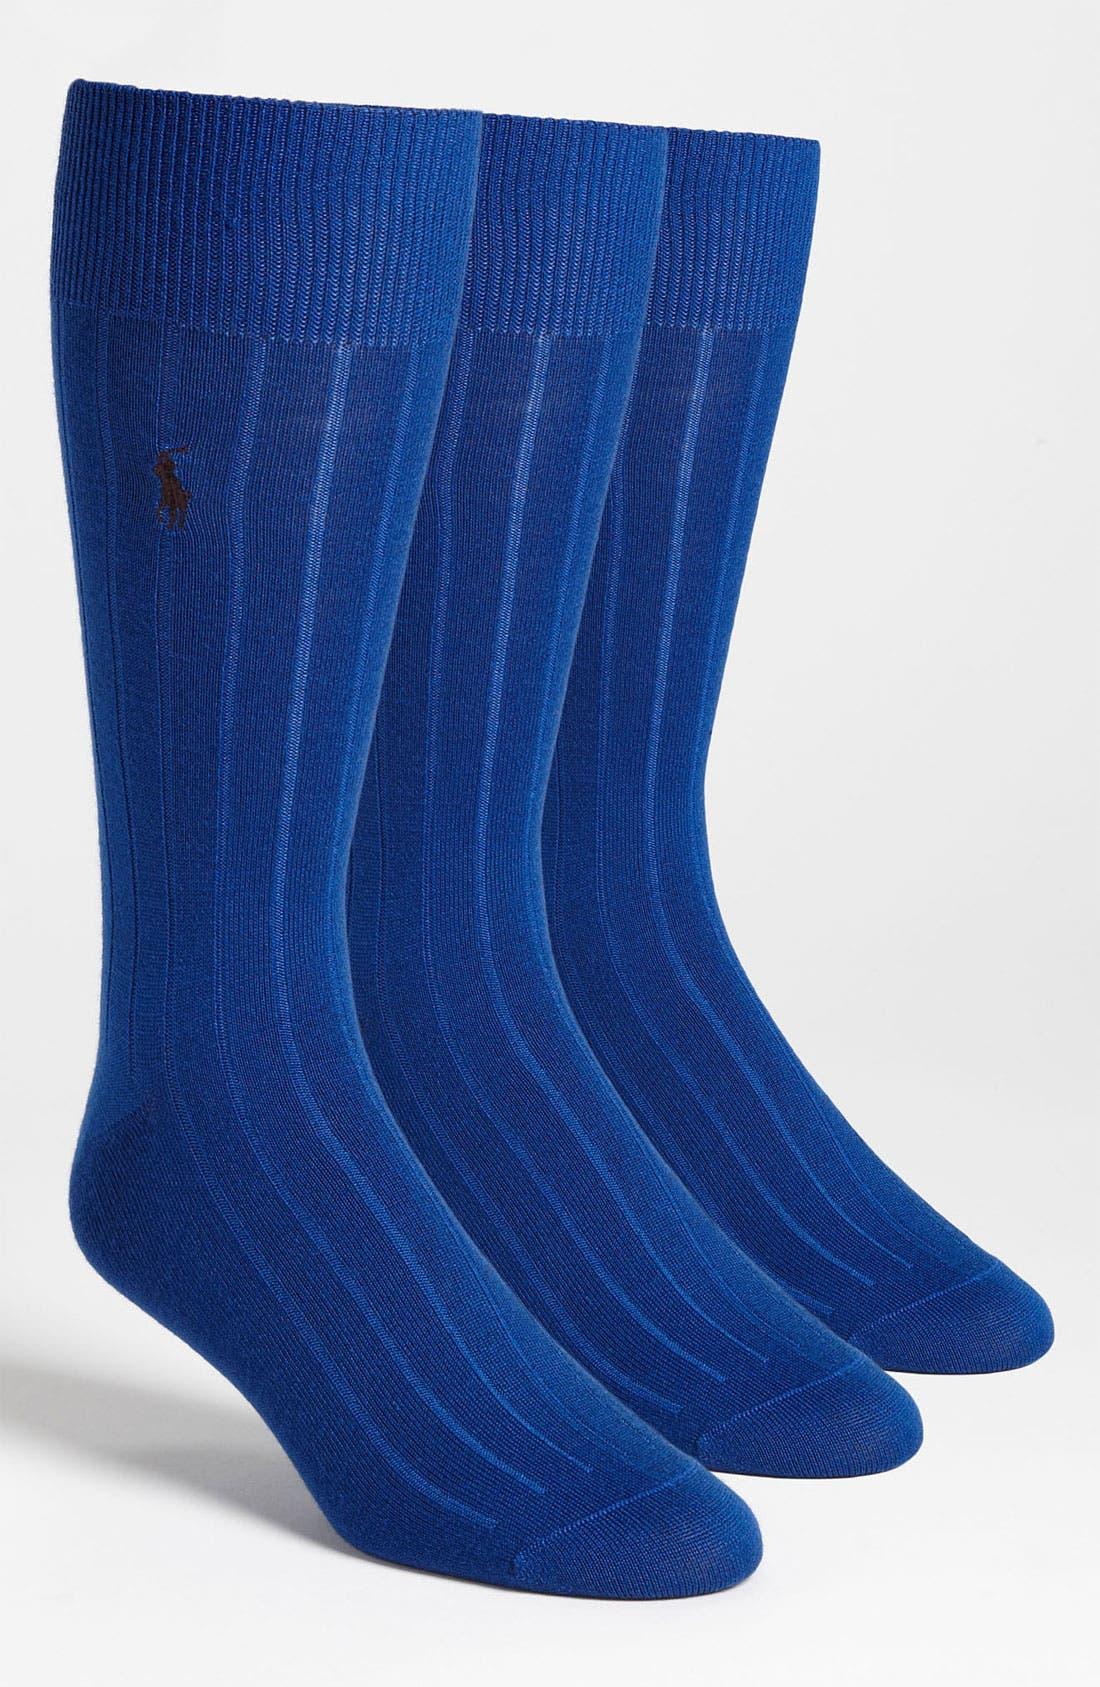 Main Image - Polo Ralph Lauren 'Basic' Ribbed Socks (3-Pack)